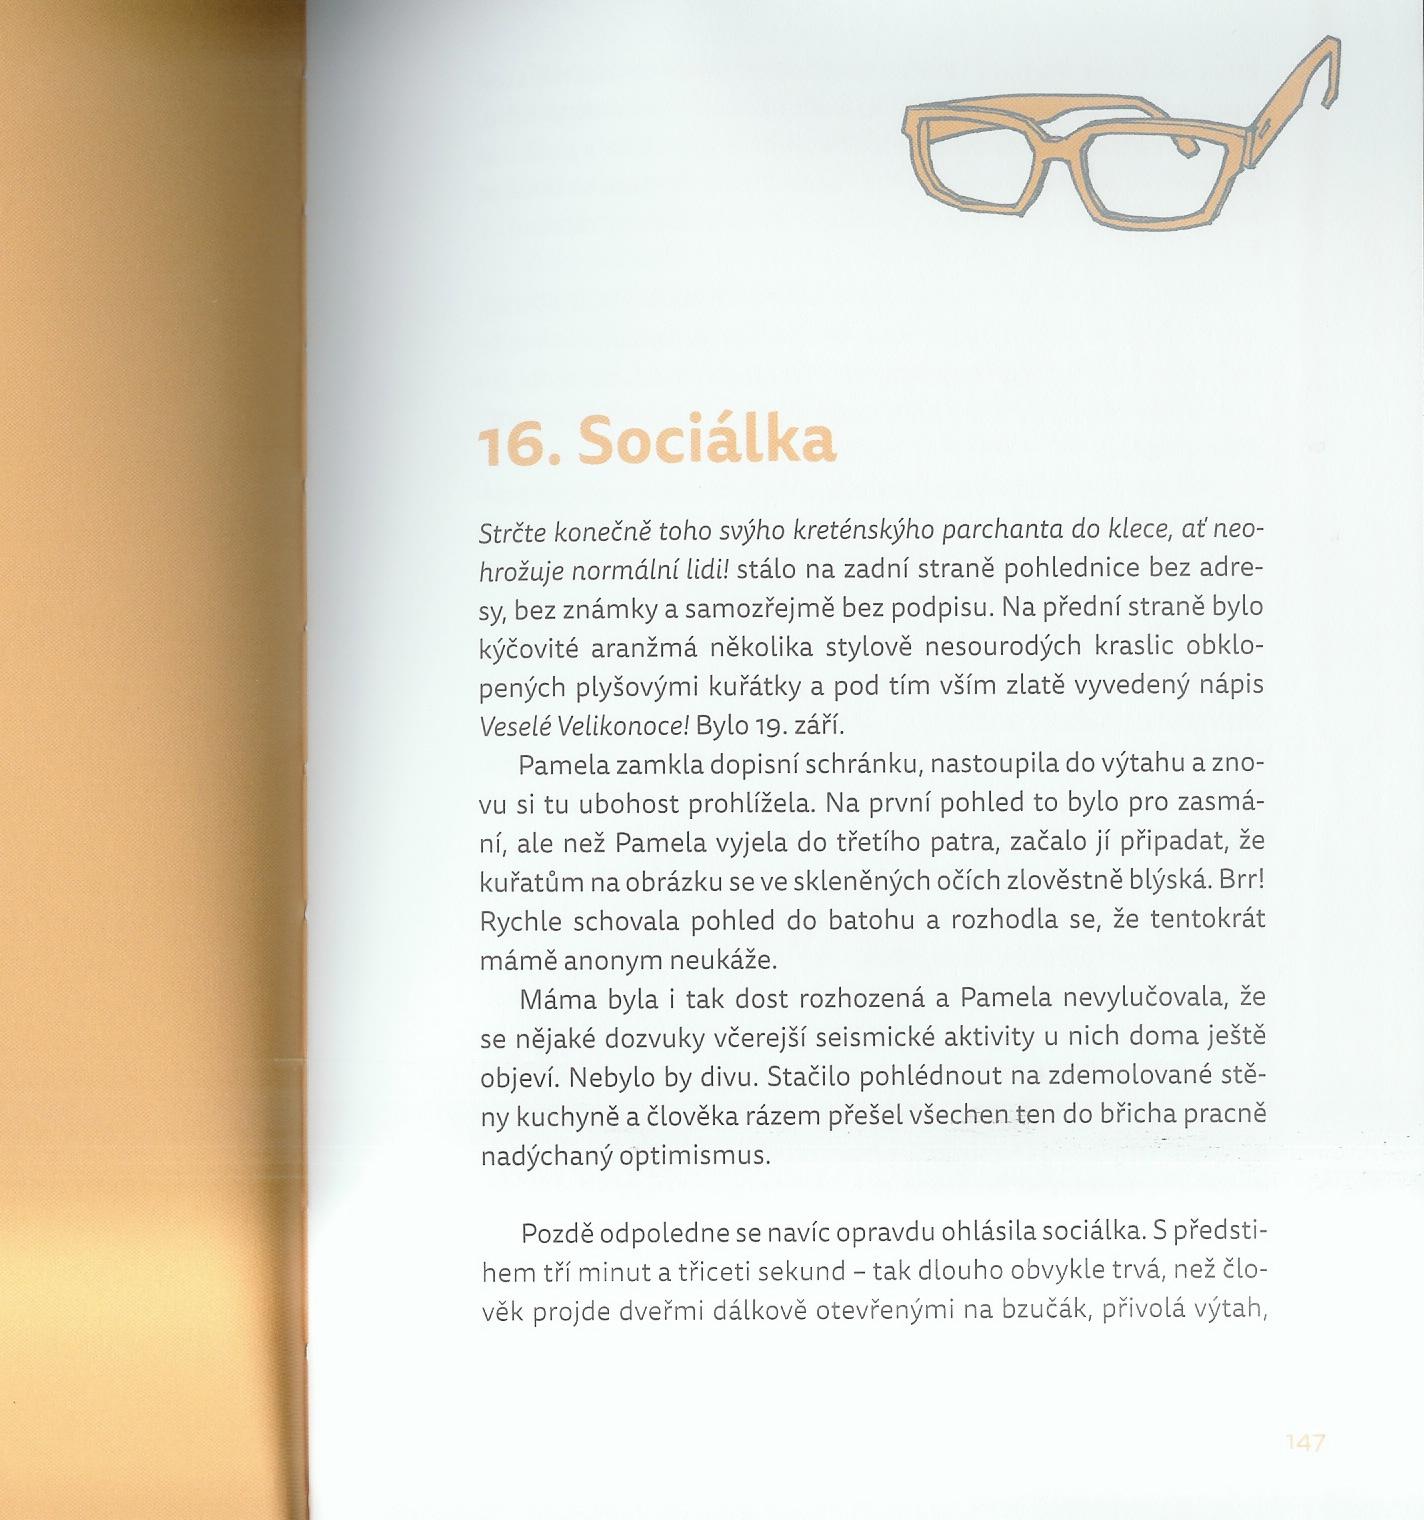 Řvi_Sociálka